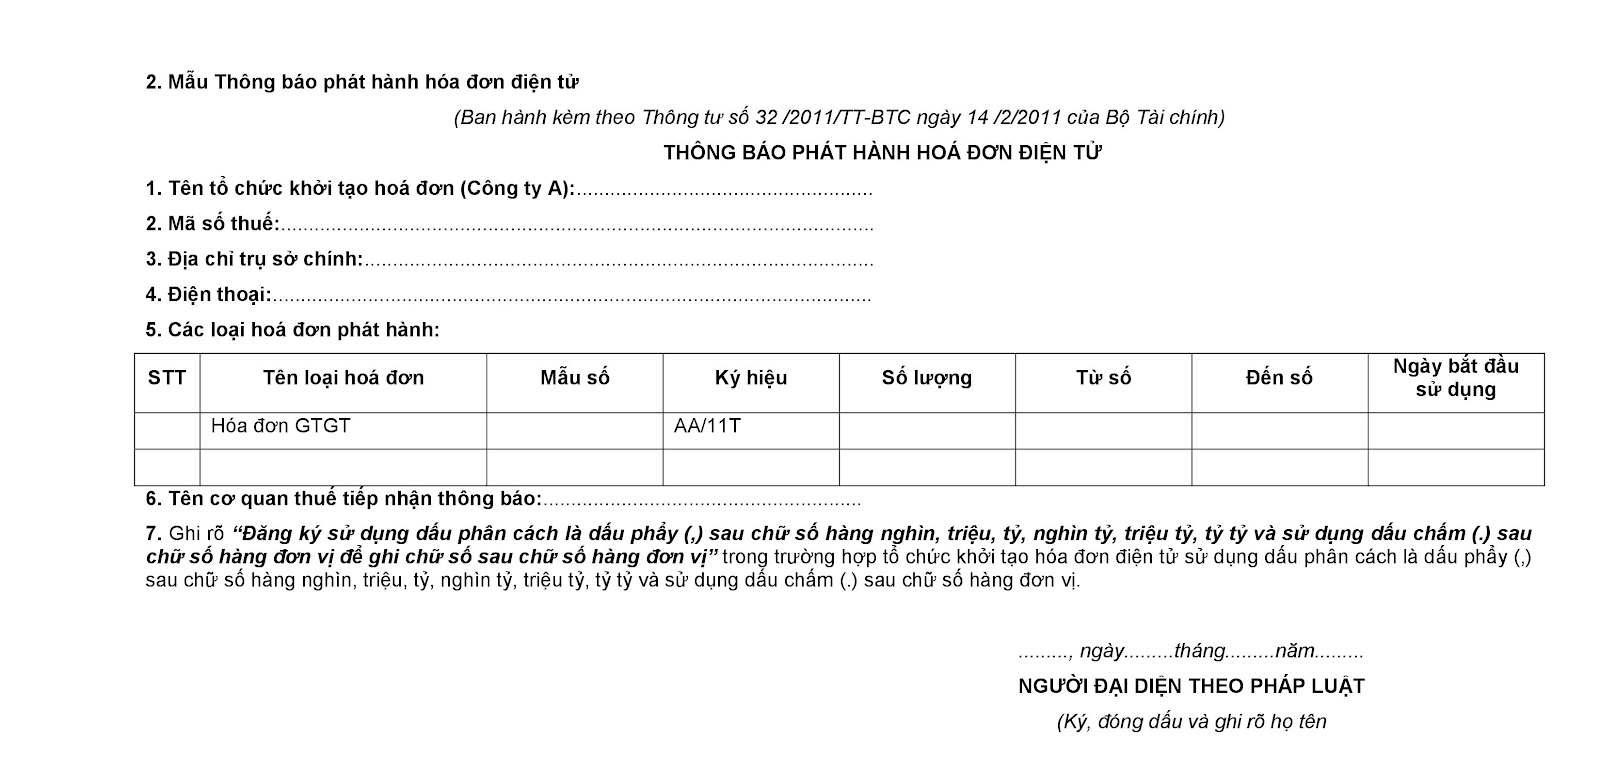 Mẫu 02: Thông báo phát hành hóa đơn điện tử